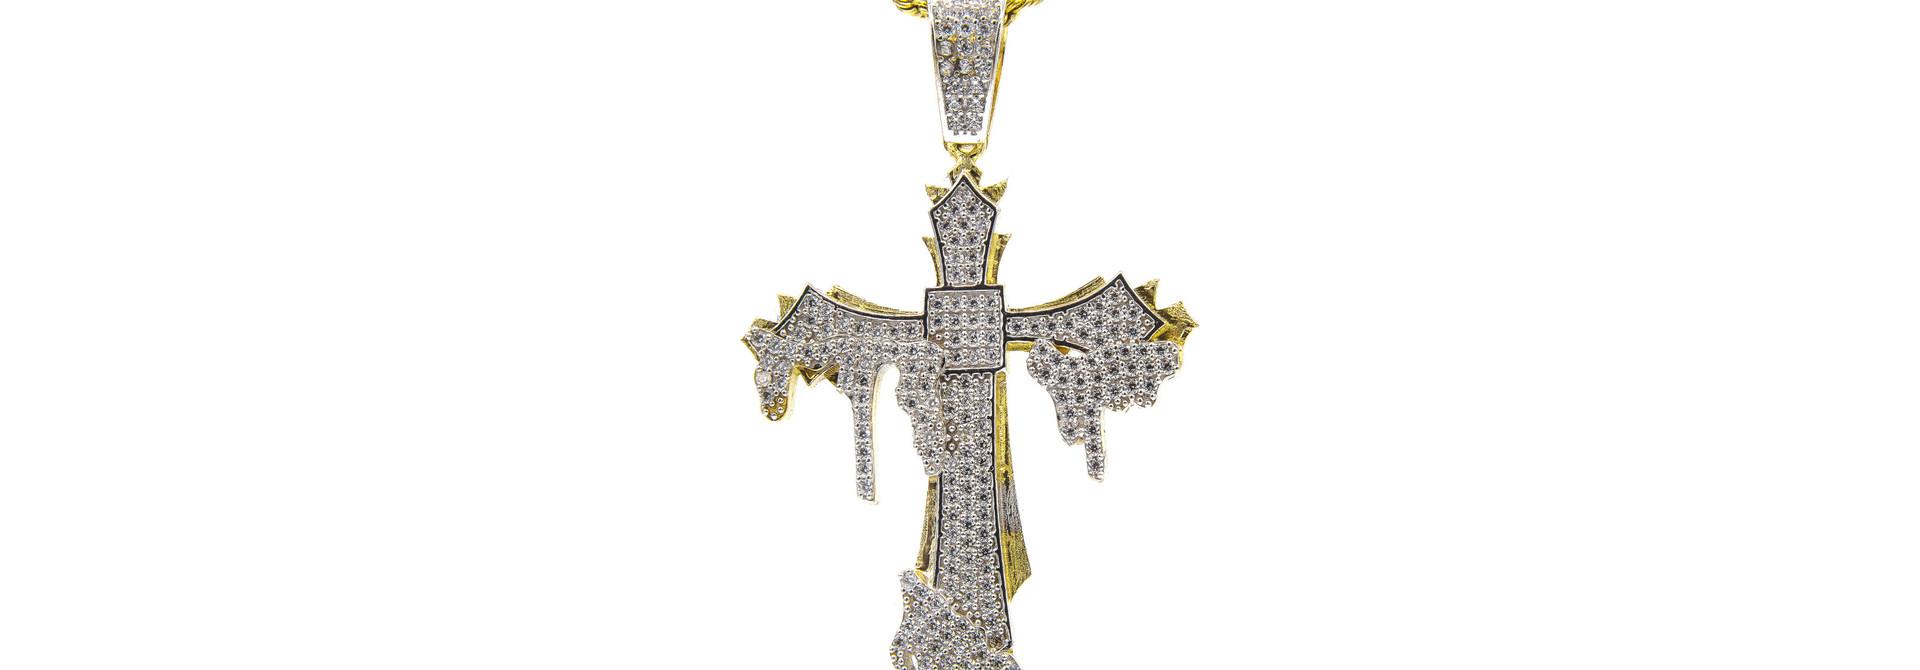 Hanger kruis met smeltend kruis erop met zirkonia's